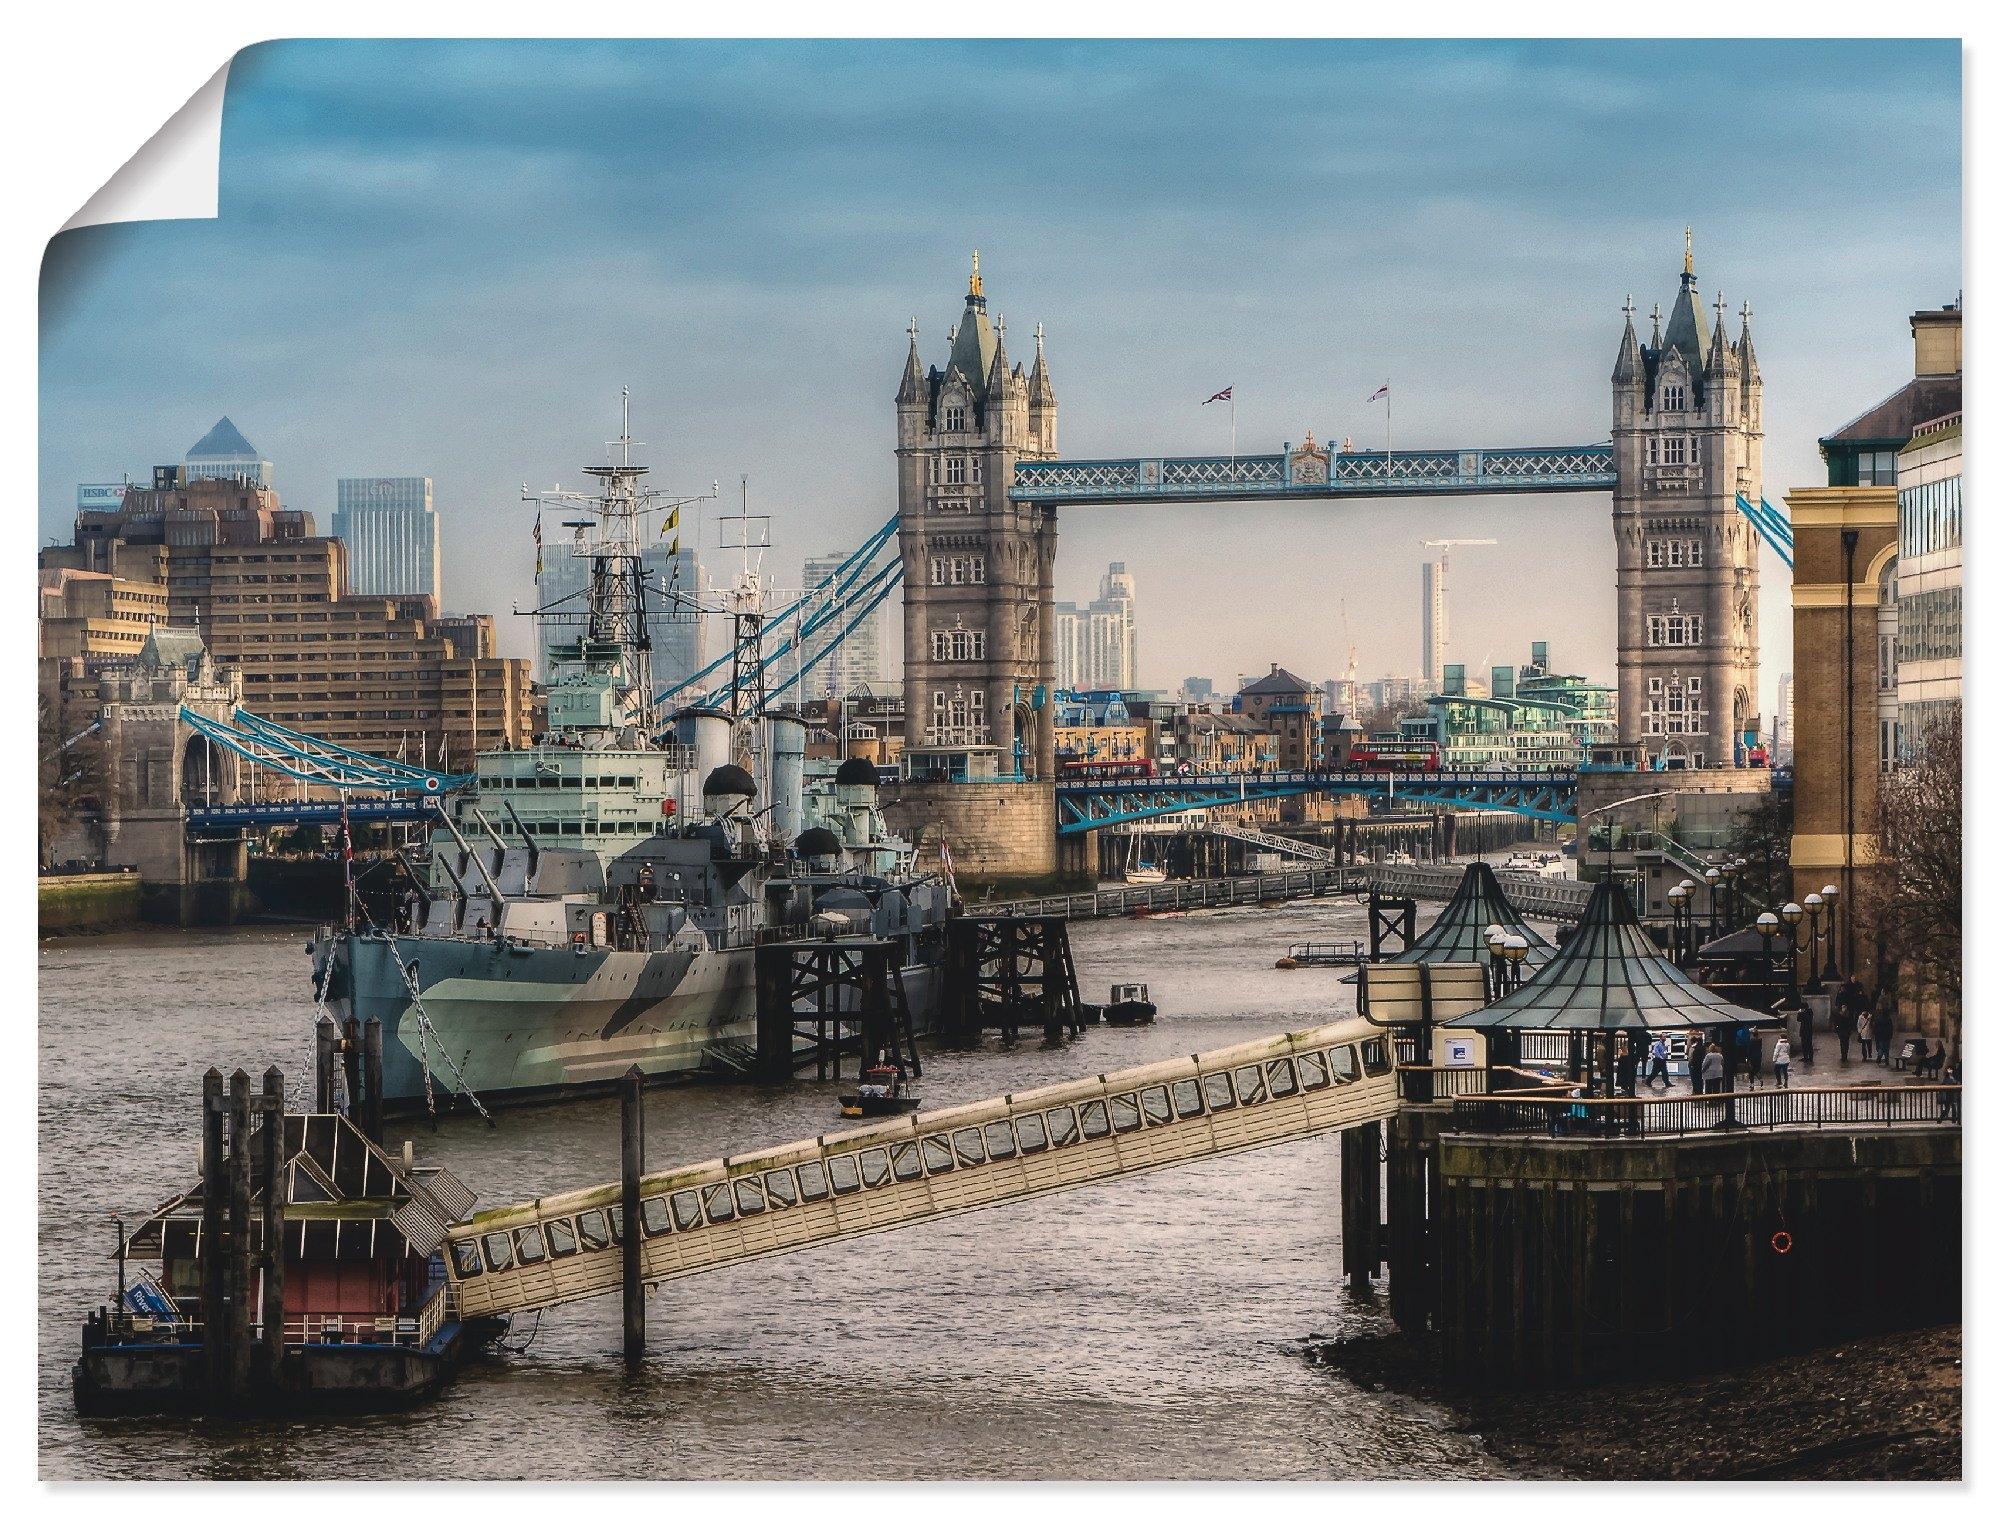 Artland artprint Londen - Tower Bridge in vele afmetingen & productsoorten -artprint op linnen, poster, muursticker / wandfolie ook geschikt voor de badkamer (1 stuk) nu online bestellen